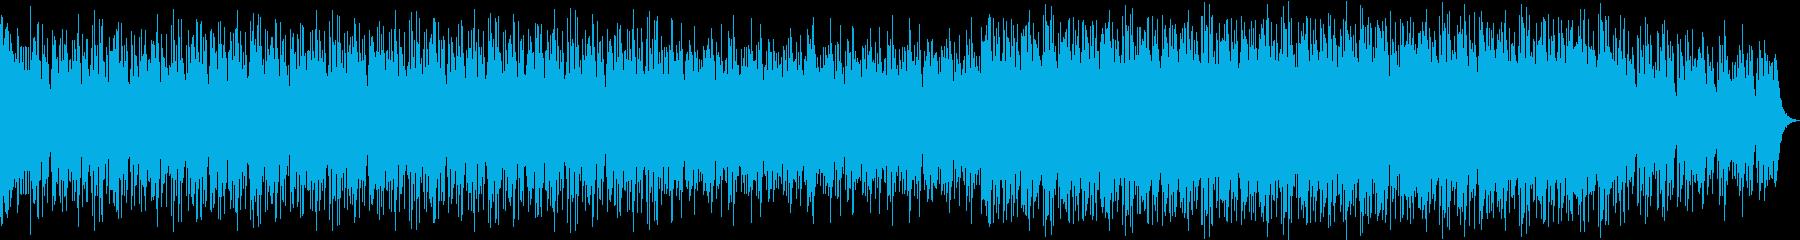 退廃的なピアノループバラードの再生済みの波形